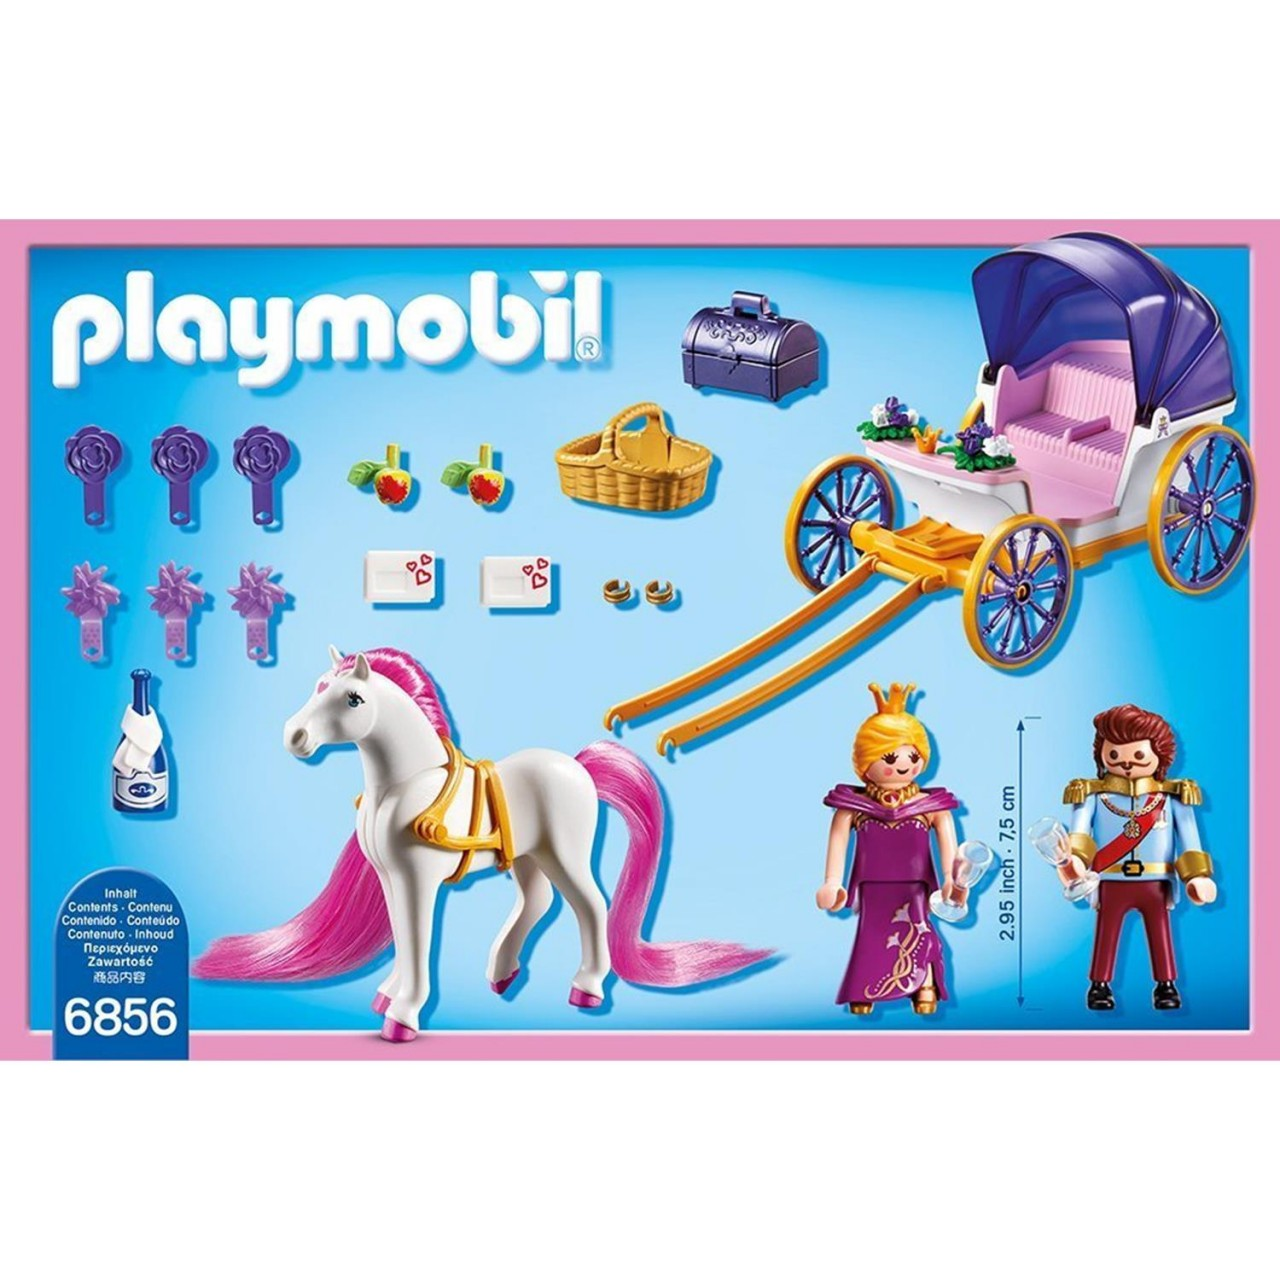 Playmobil 6856 Königspaar mit Pferdekutsche